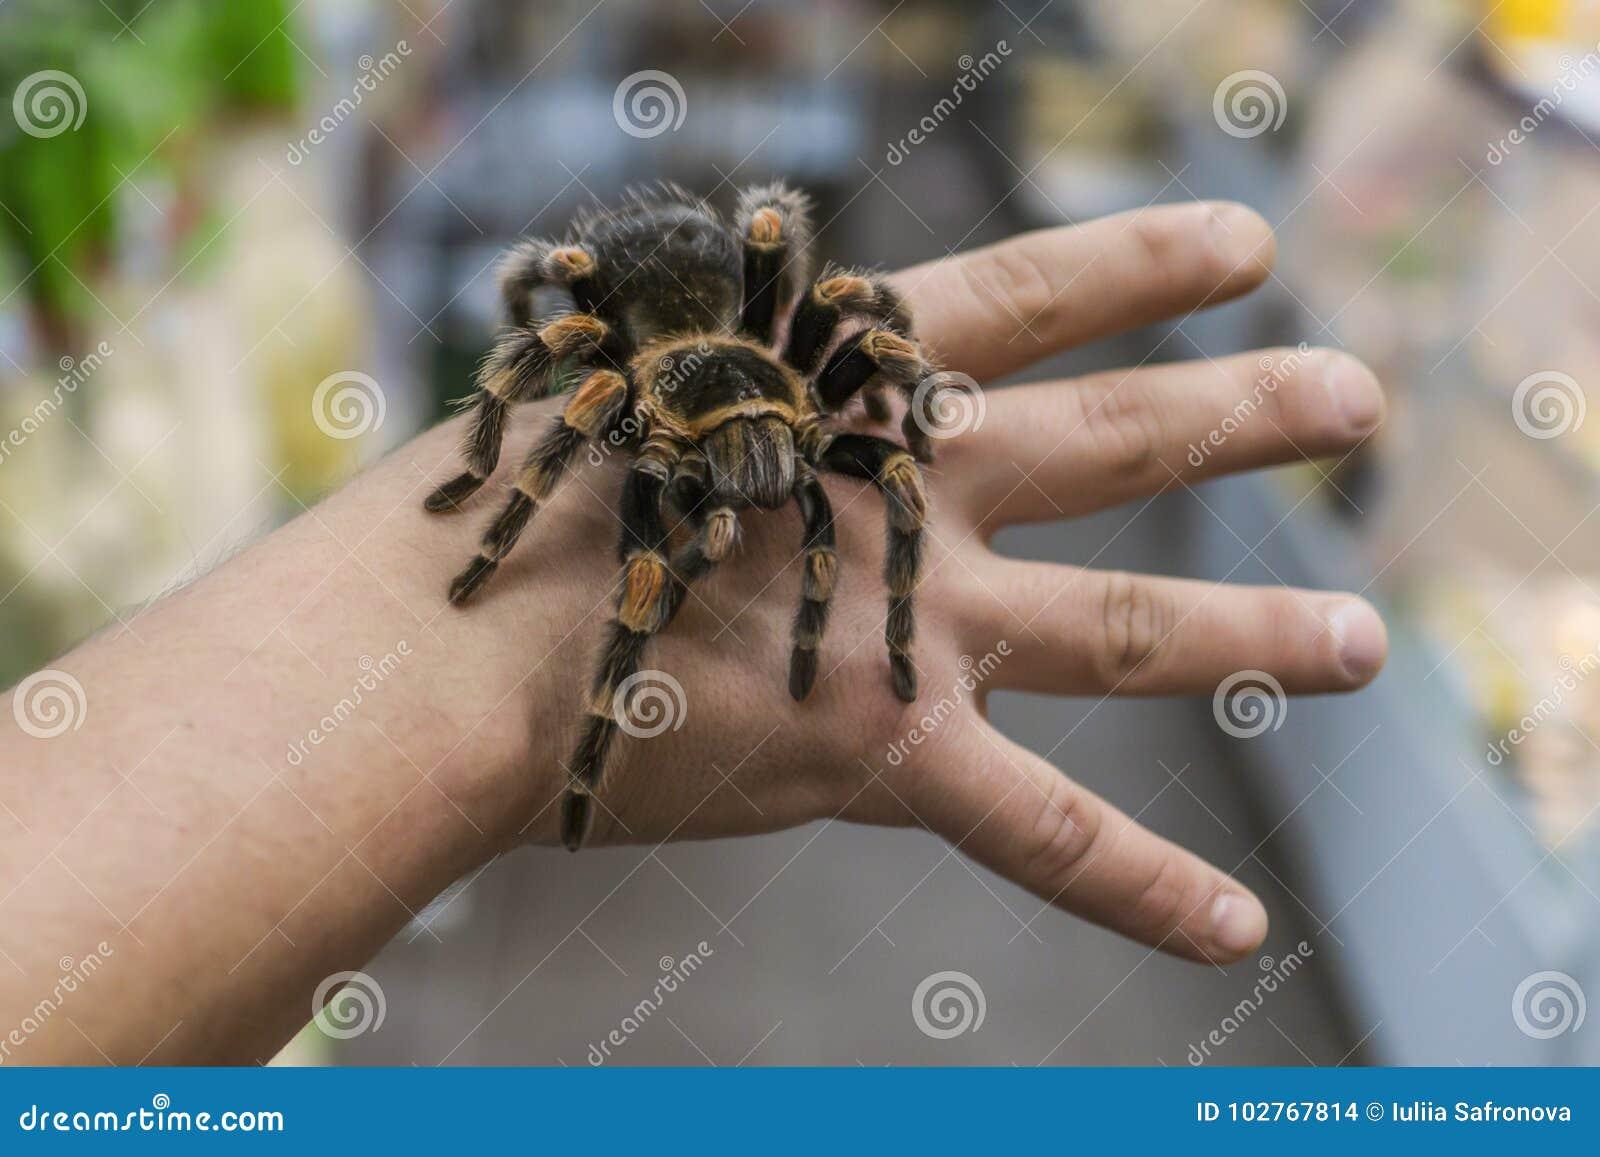 Duża pająk tarantula siedzi czołganie na mężczyzna ` s ręce